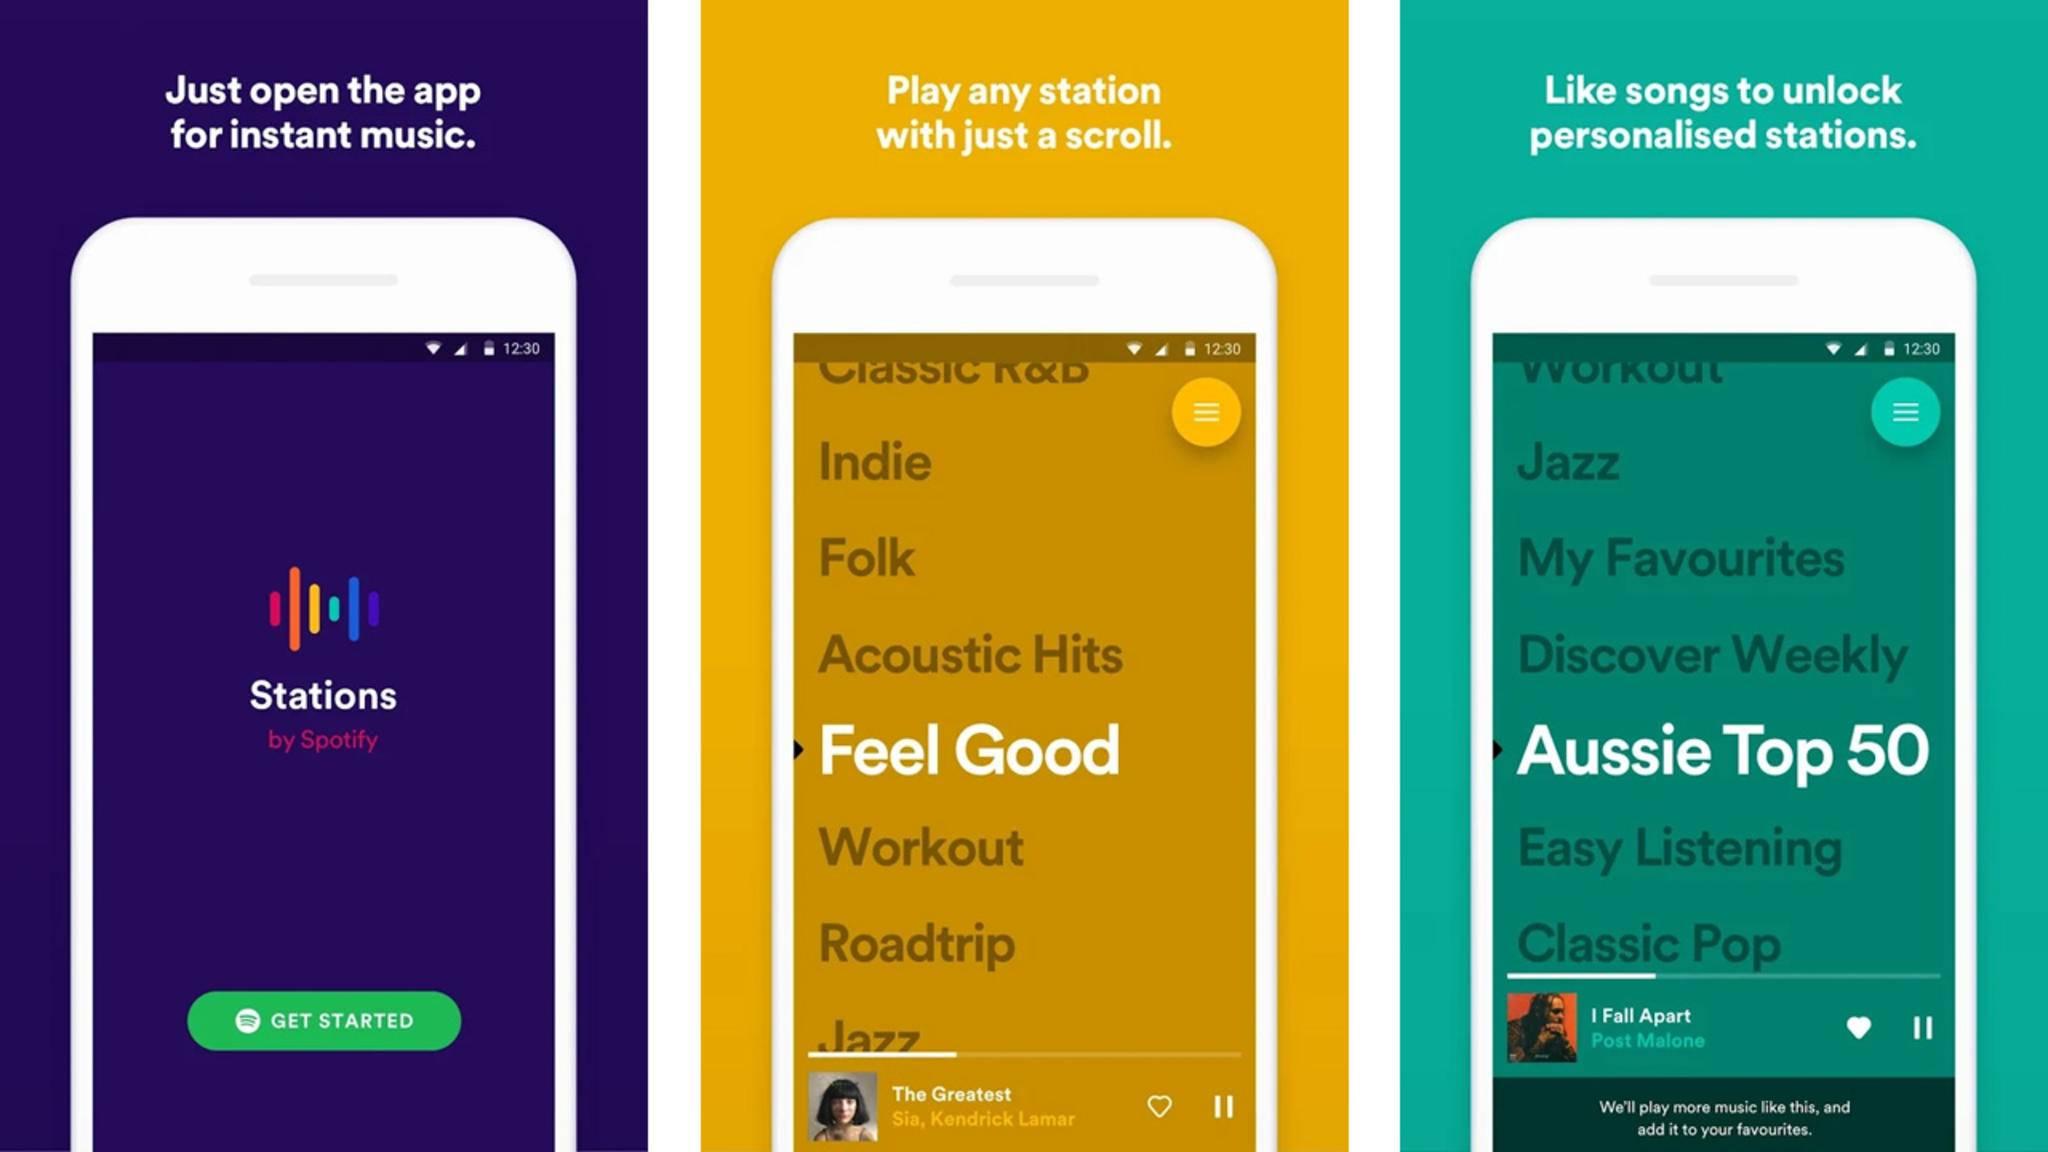 Spotify hat eine neue App veröffentlicht: Stations.